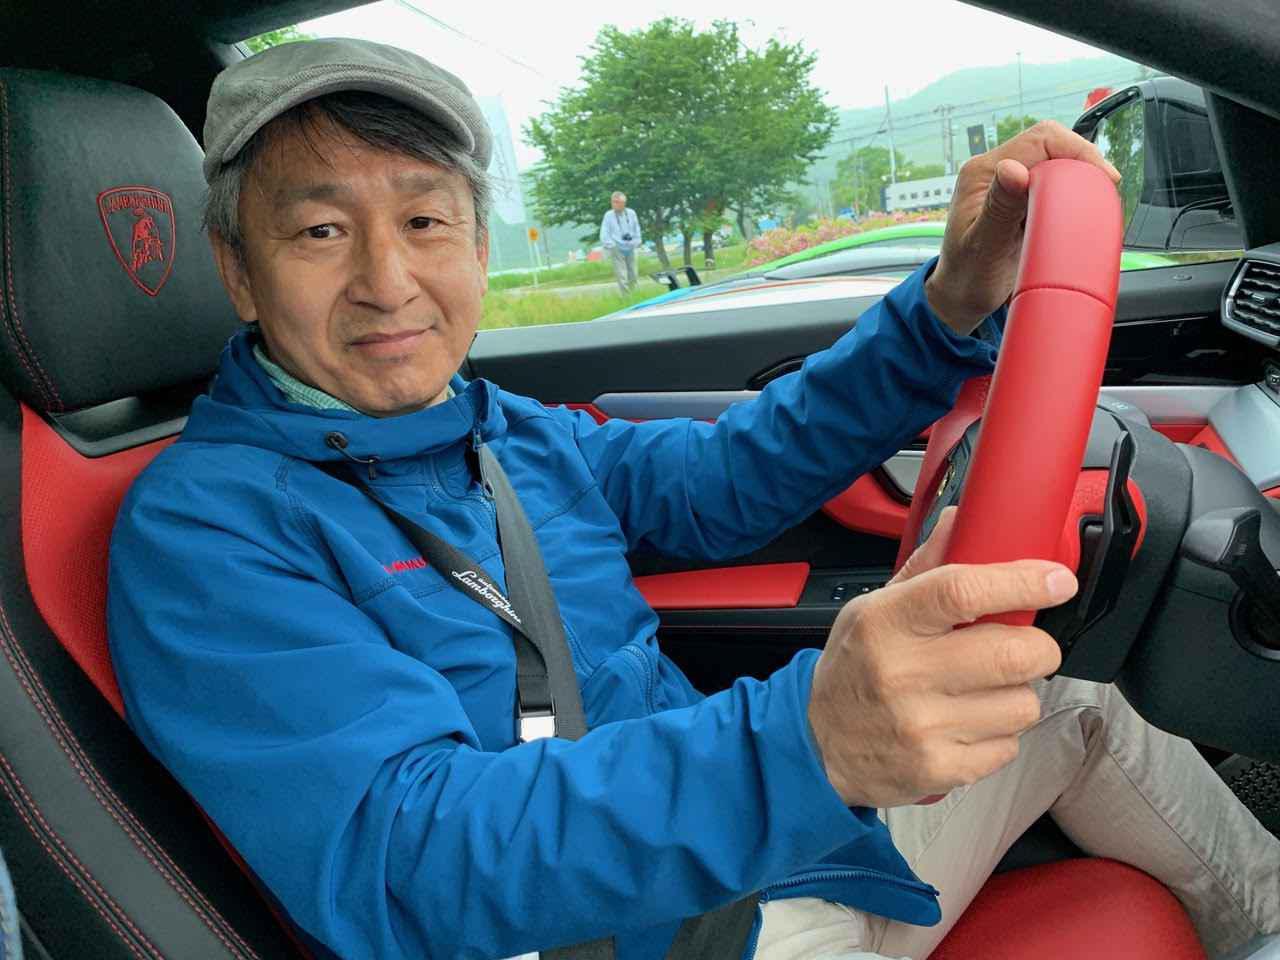 画像2: ユーラシア大陸自動車横断紀行 Vol.3 〜何がクルマに求められるか〜